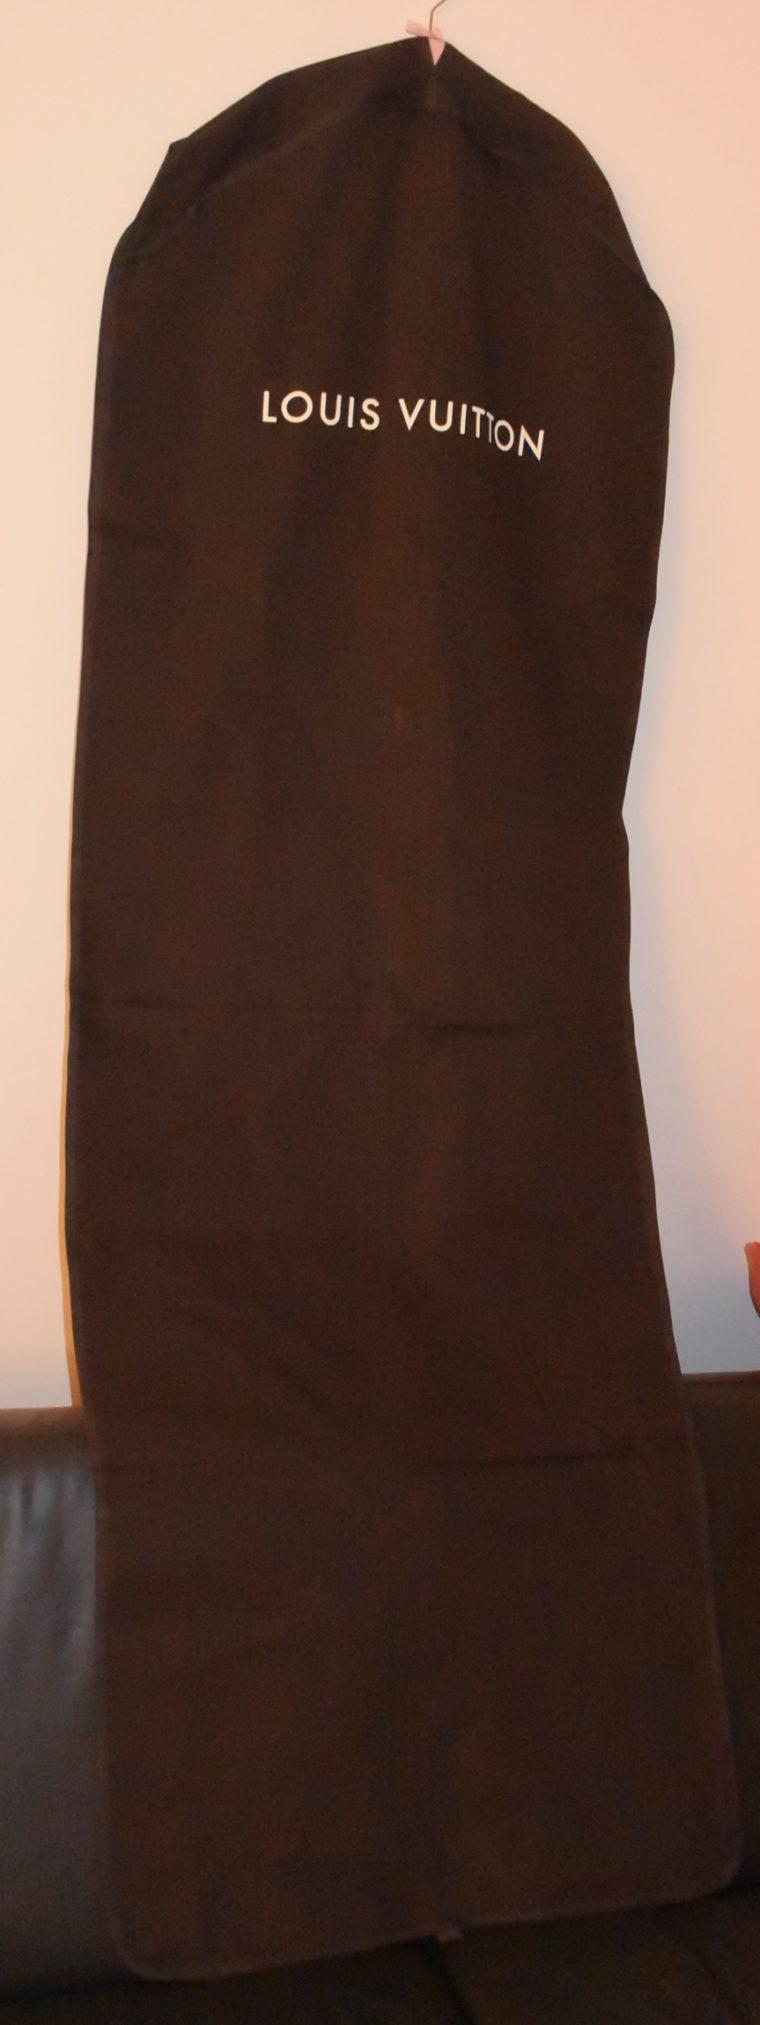 Louis Vuitton Kleidersack braun Stoff lang-9931